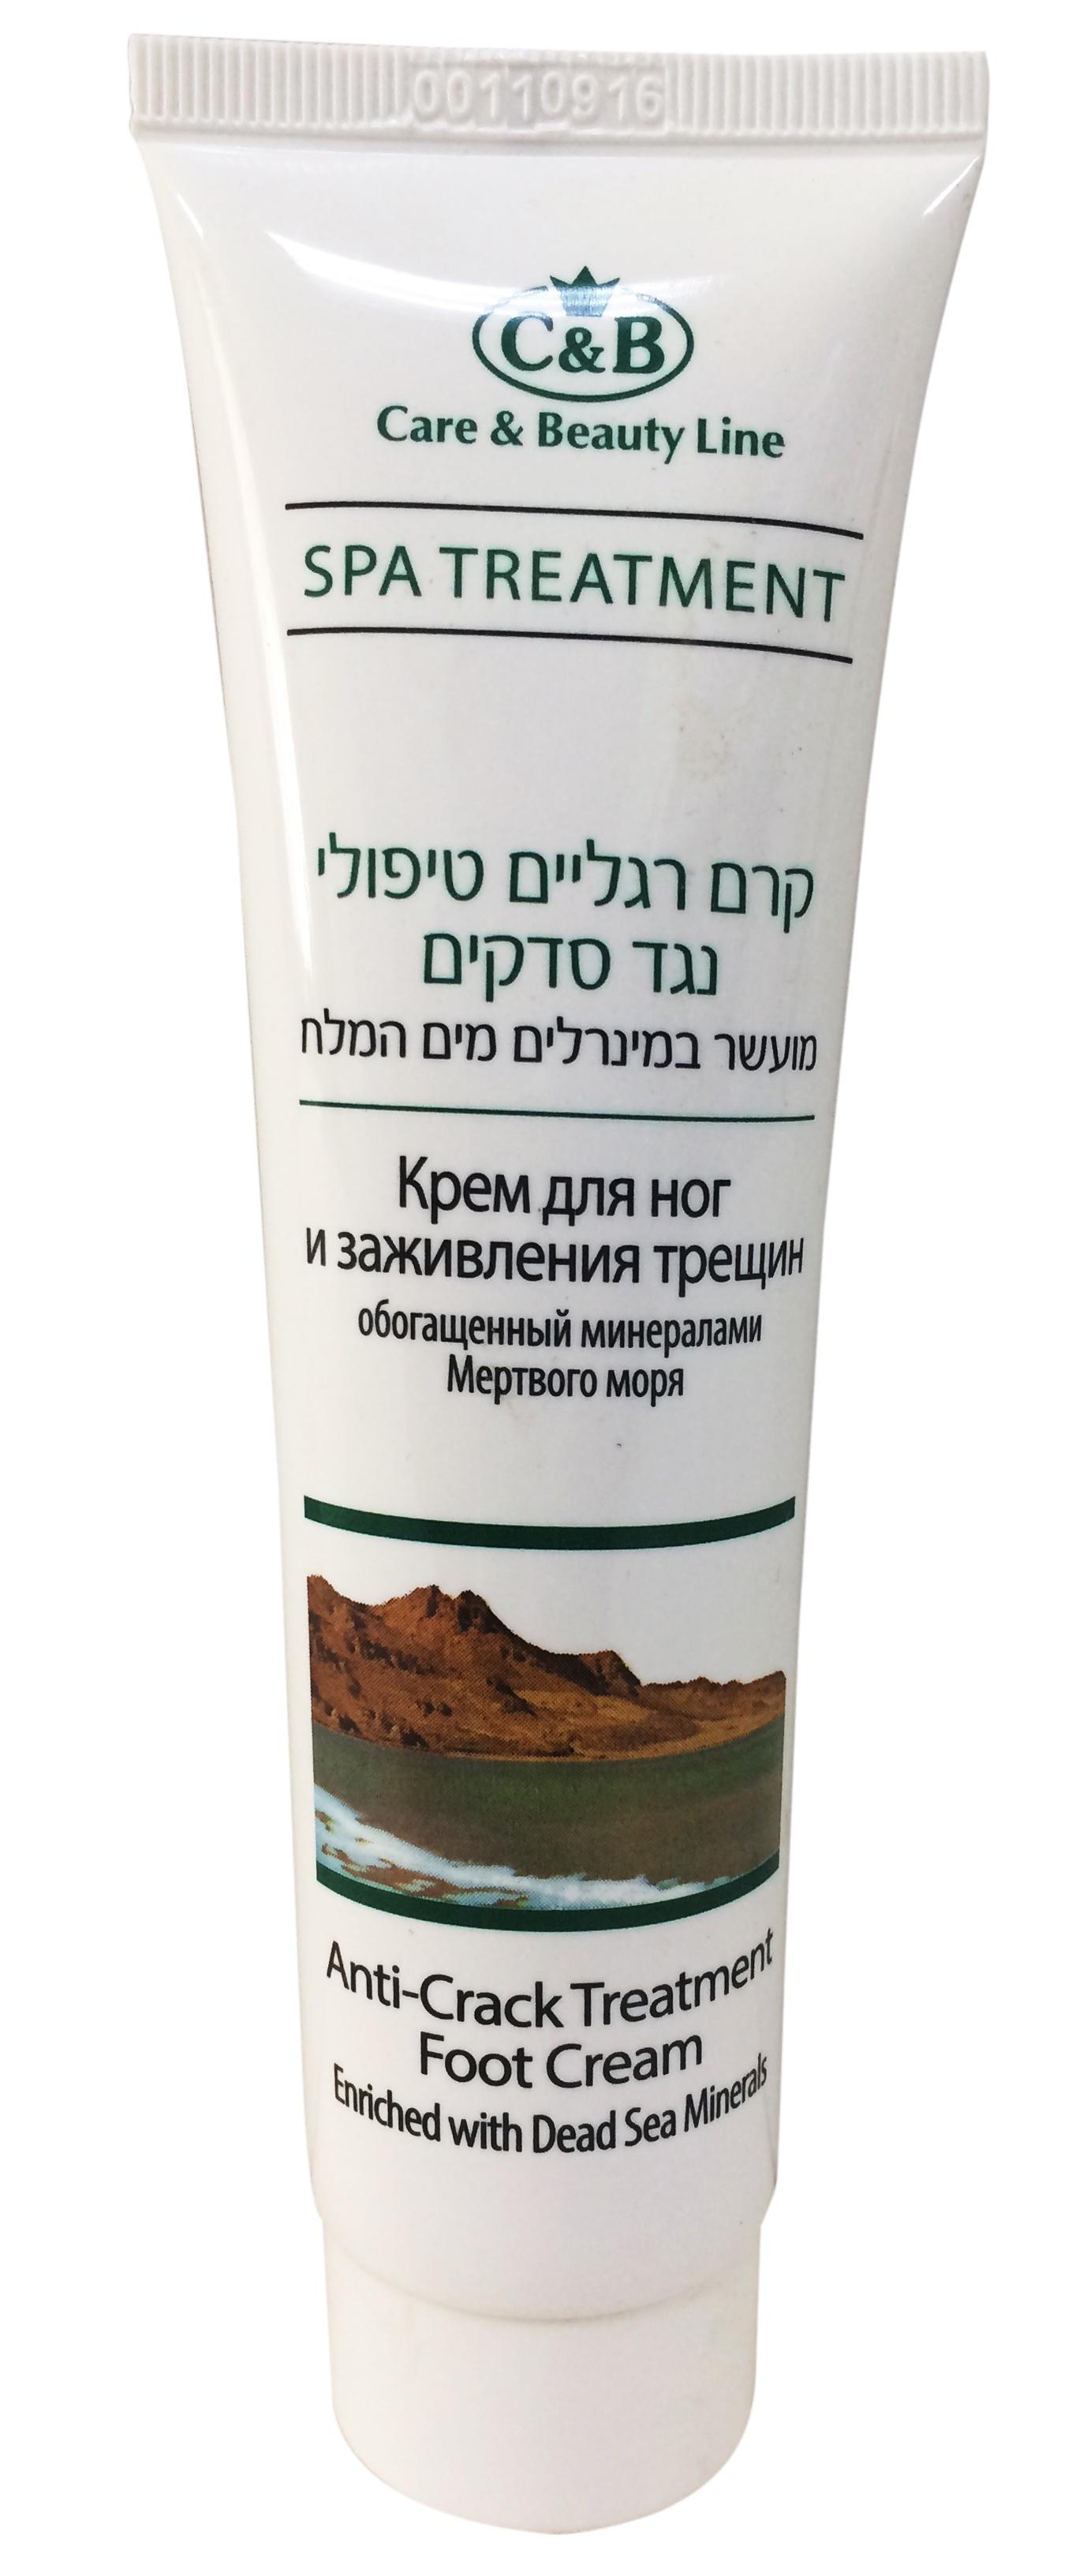 Крем для ухода за кожей Care & Beauty Line Минералы Мёртвого моря до и после крем для ног от трещин в ступнях 150мл